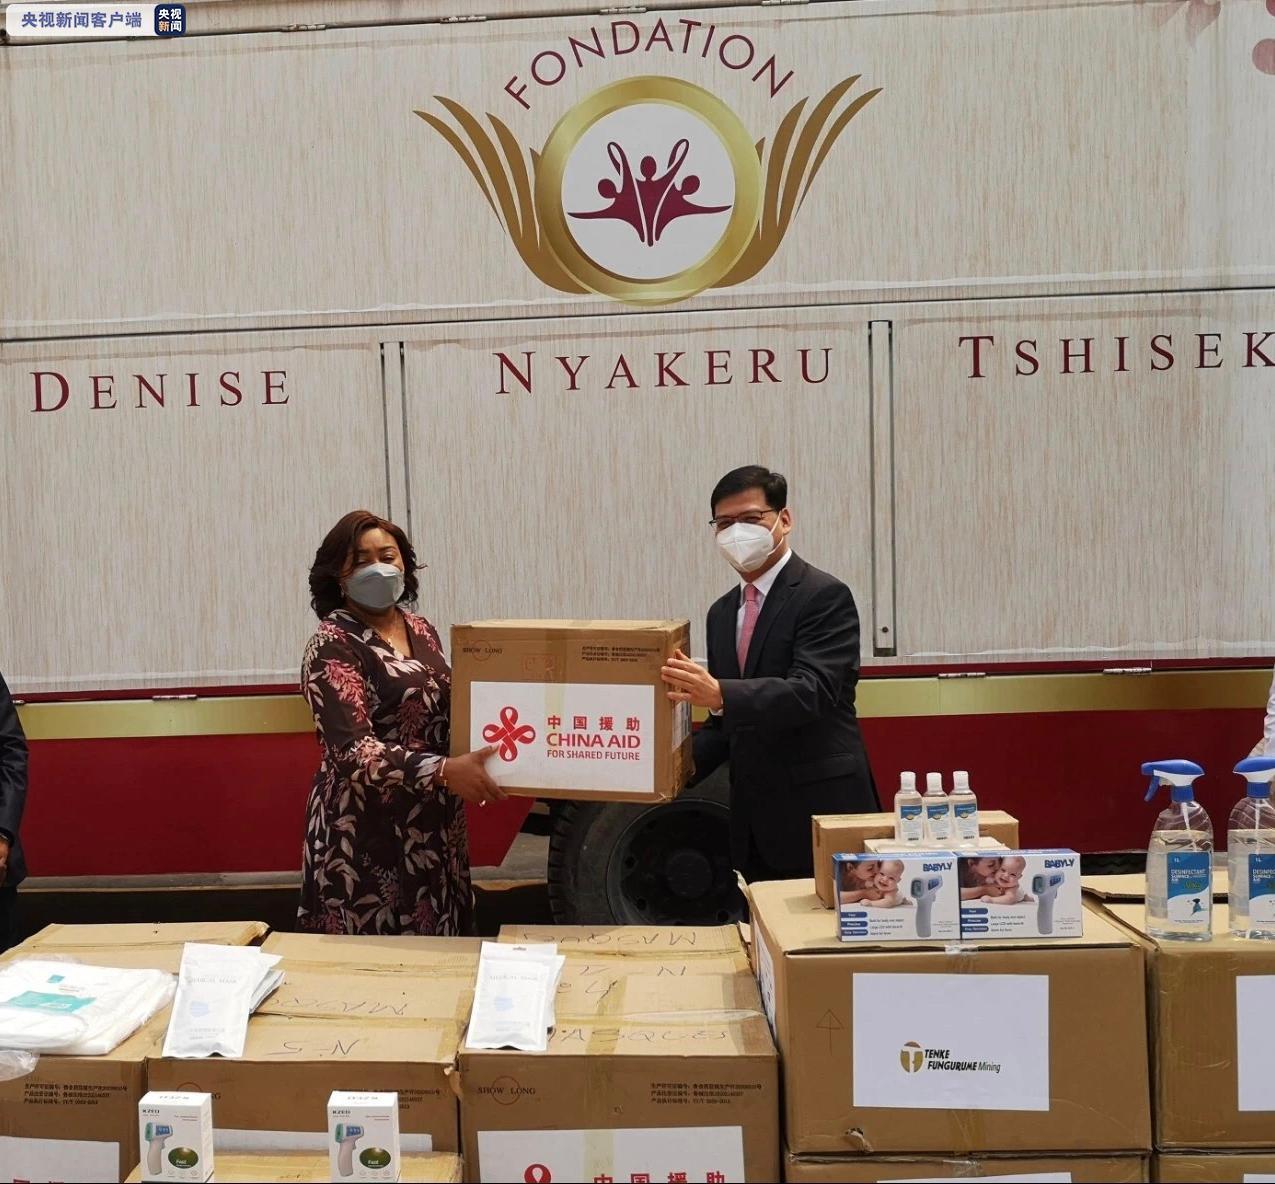 欧博亚洲:中国驻刚果(金)使馆向刚方转交中国政府援刚抗疫物资 第1张